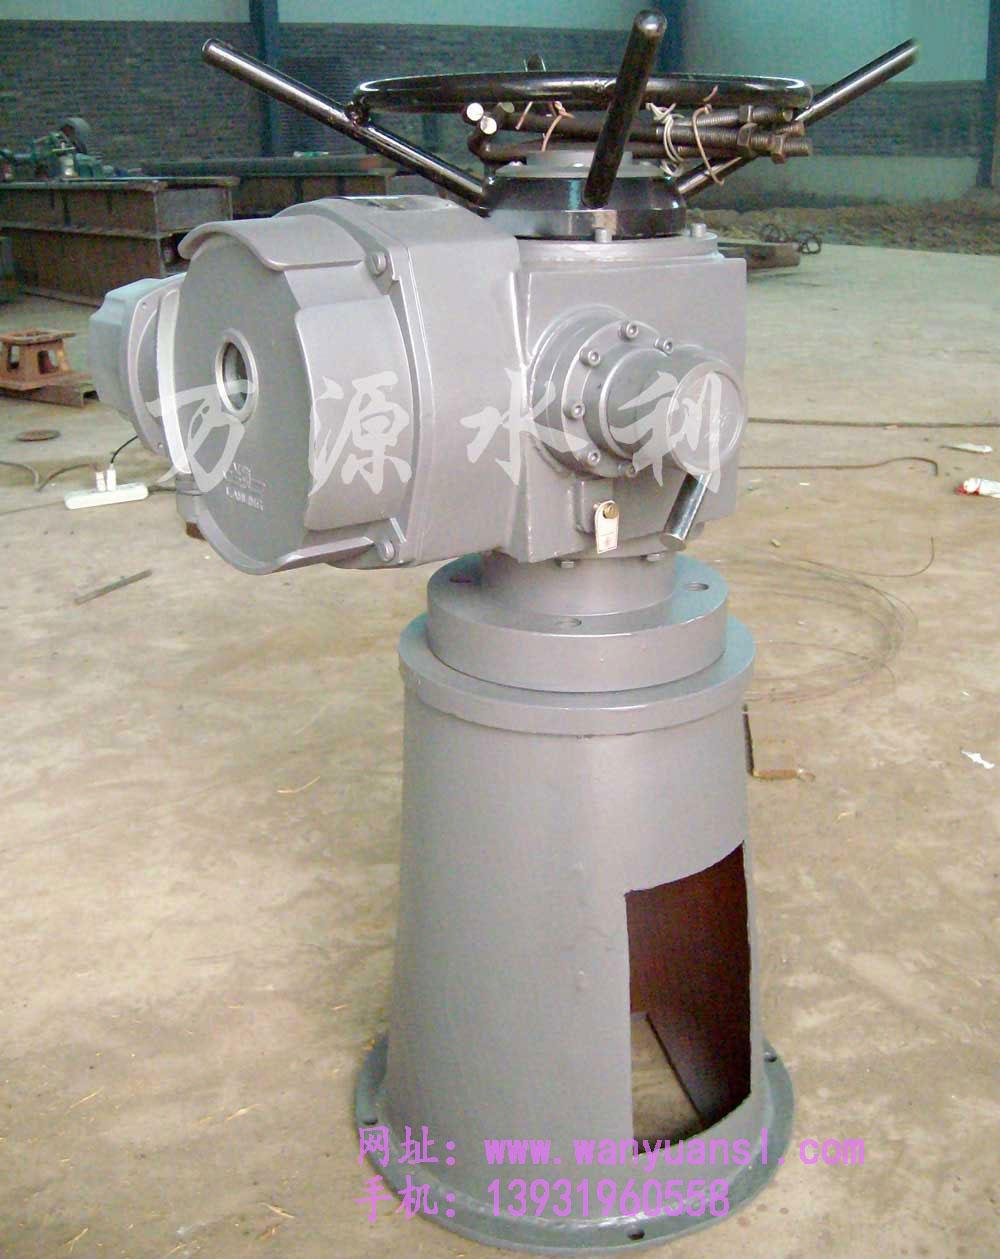 QLB型手轮式螺杆启闭机 泥水工机械设备产品图片由新河县万源水利